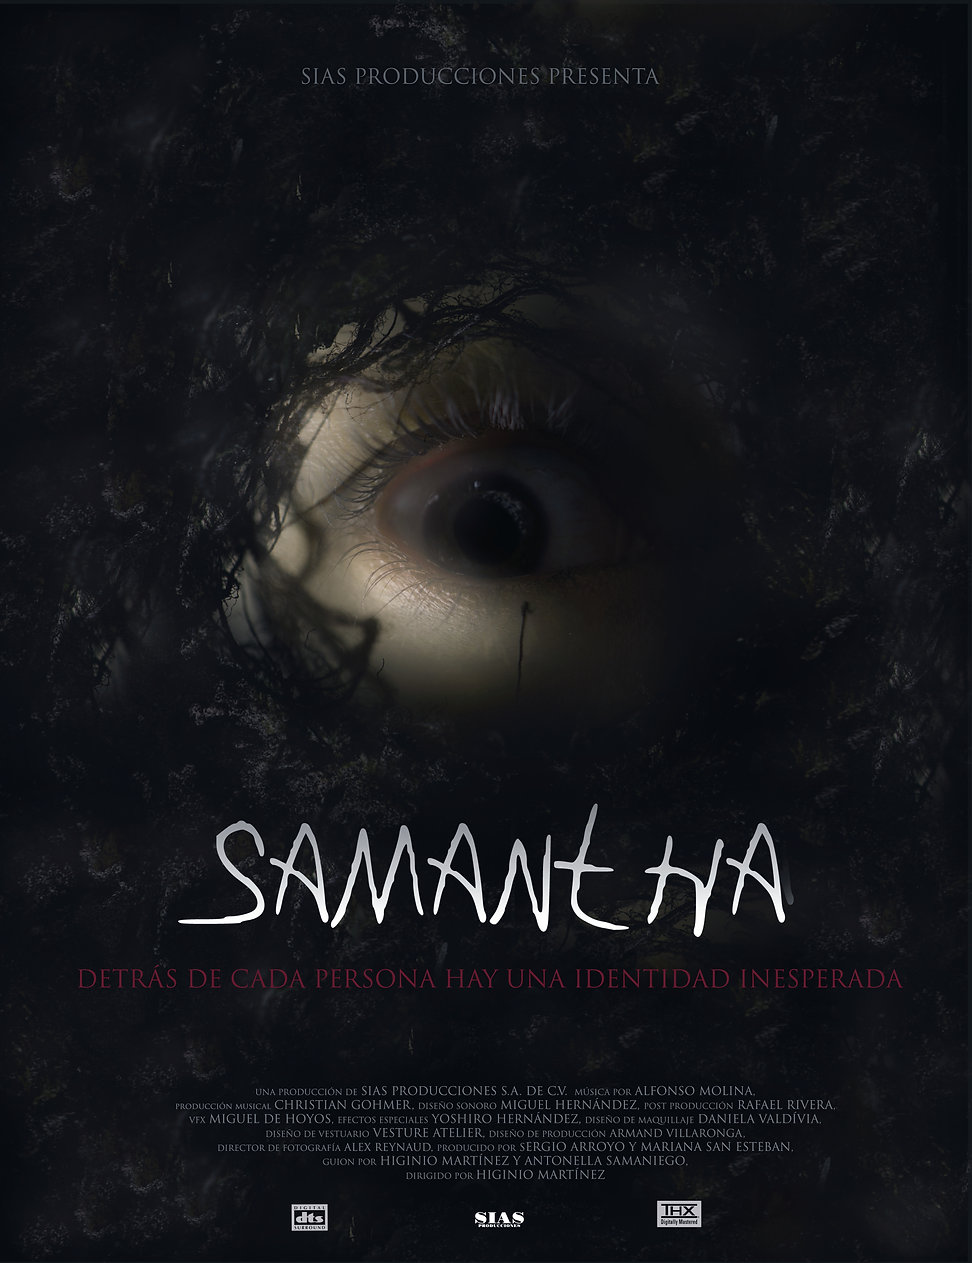 SAMANTHA FILM